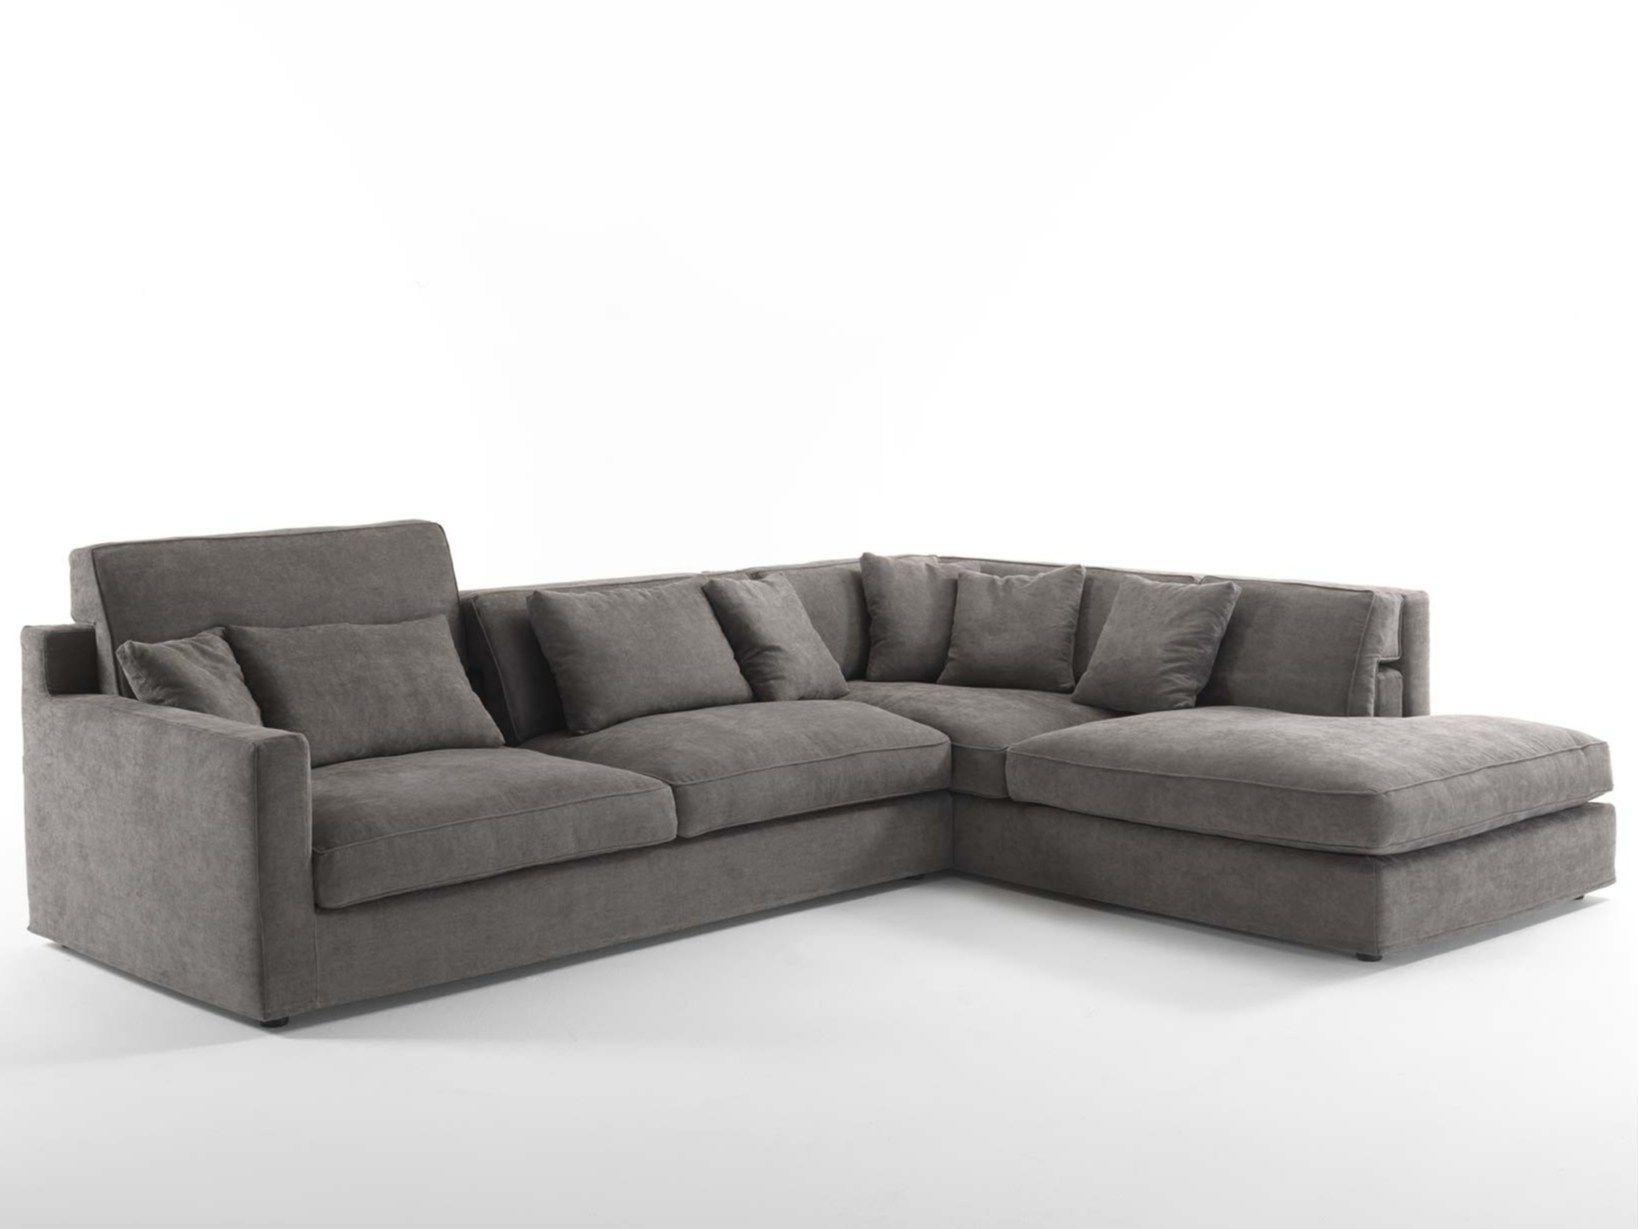 Jordan divano componibile by frigerio poltrone e divani for Poltrone divani e divani